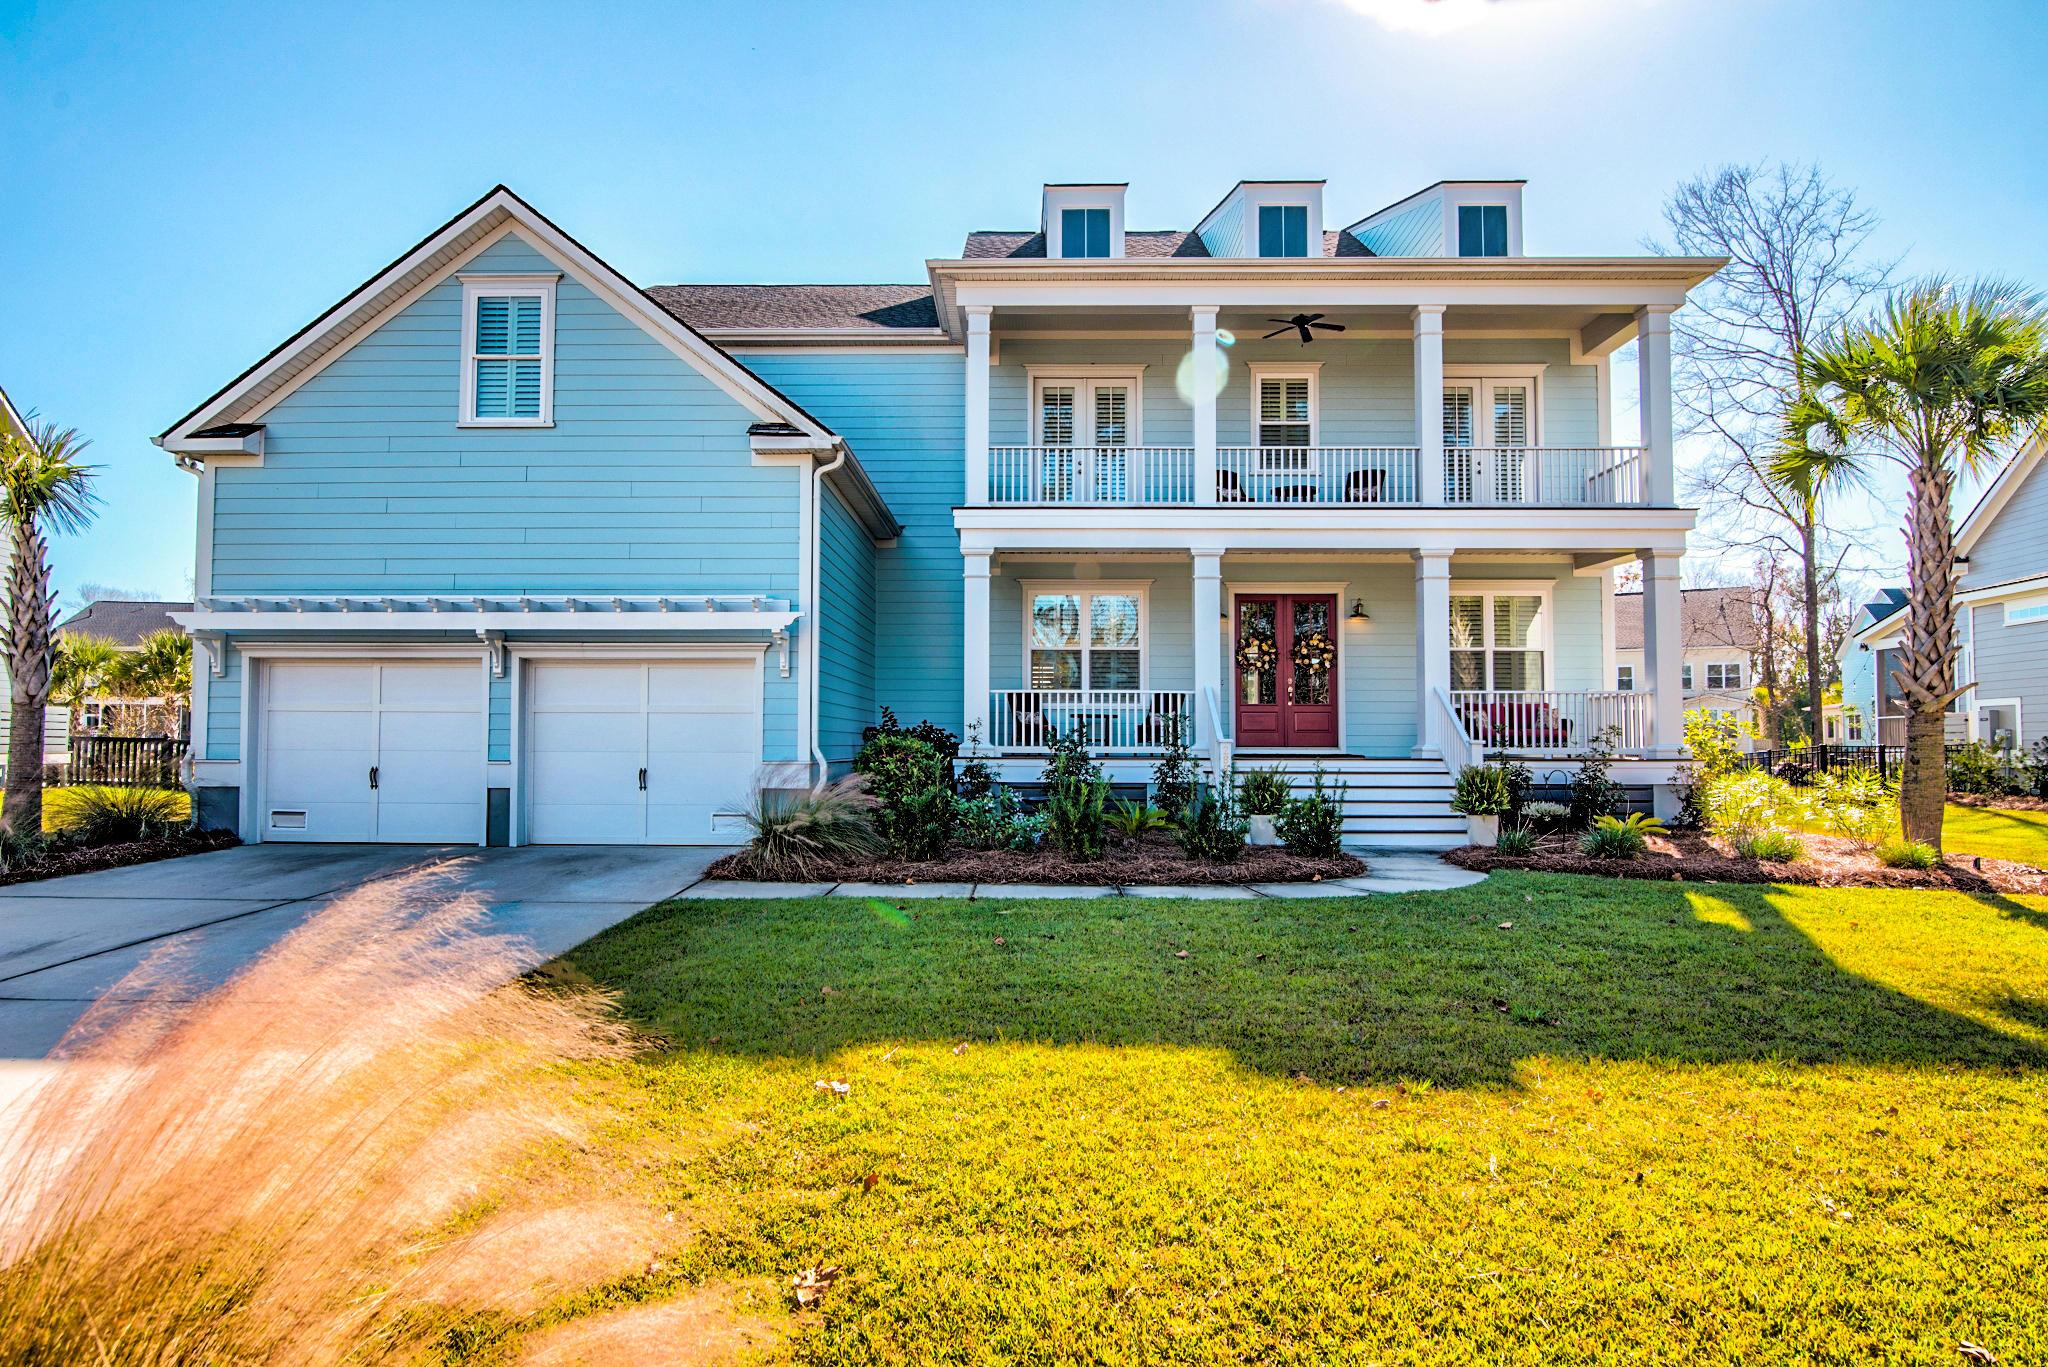 Dunes West Homes For Sale - 2883 River Vista, Mount Pleasant, SC - 62